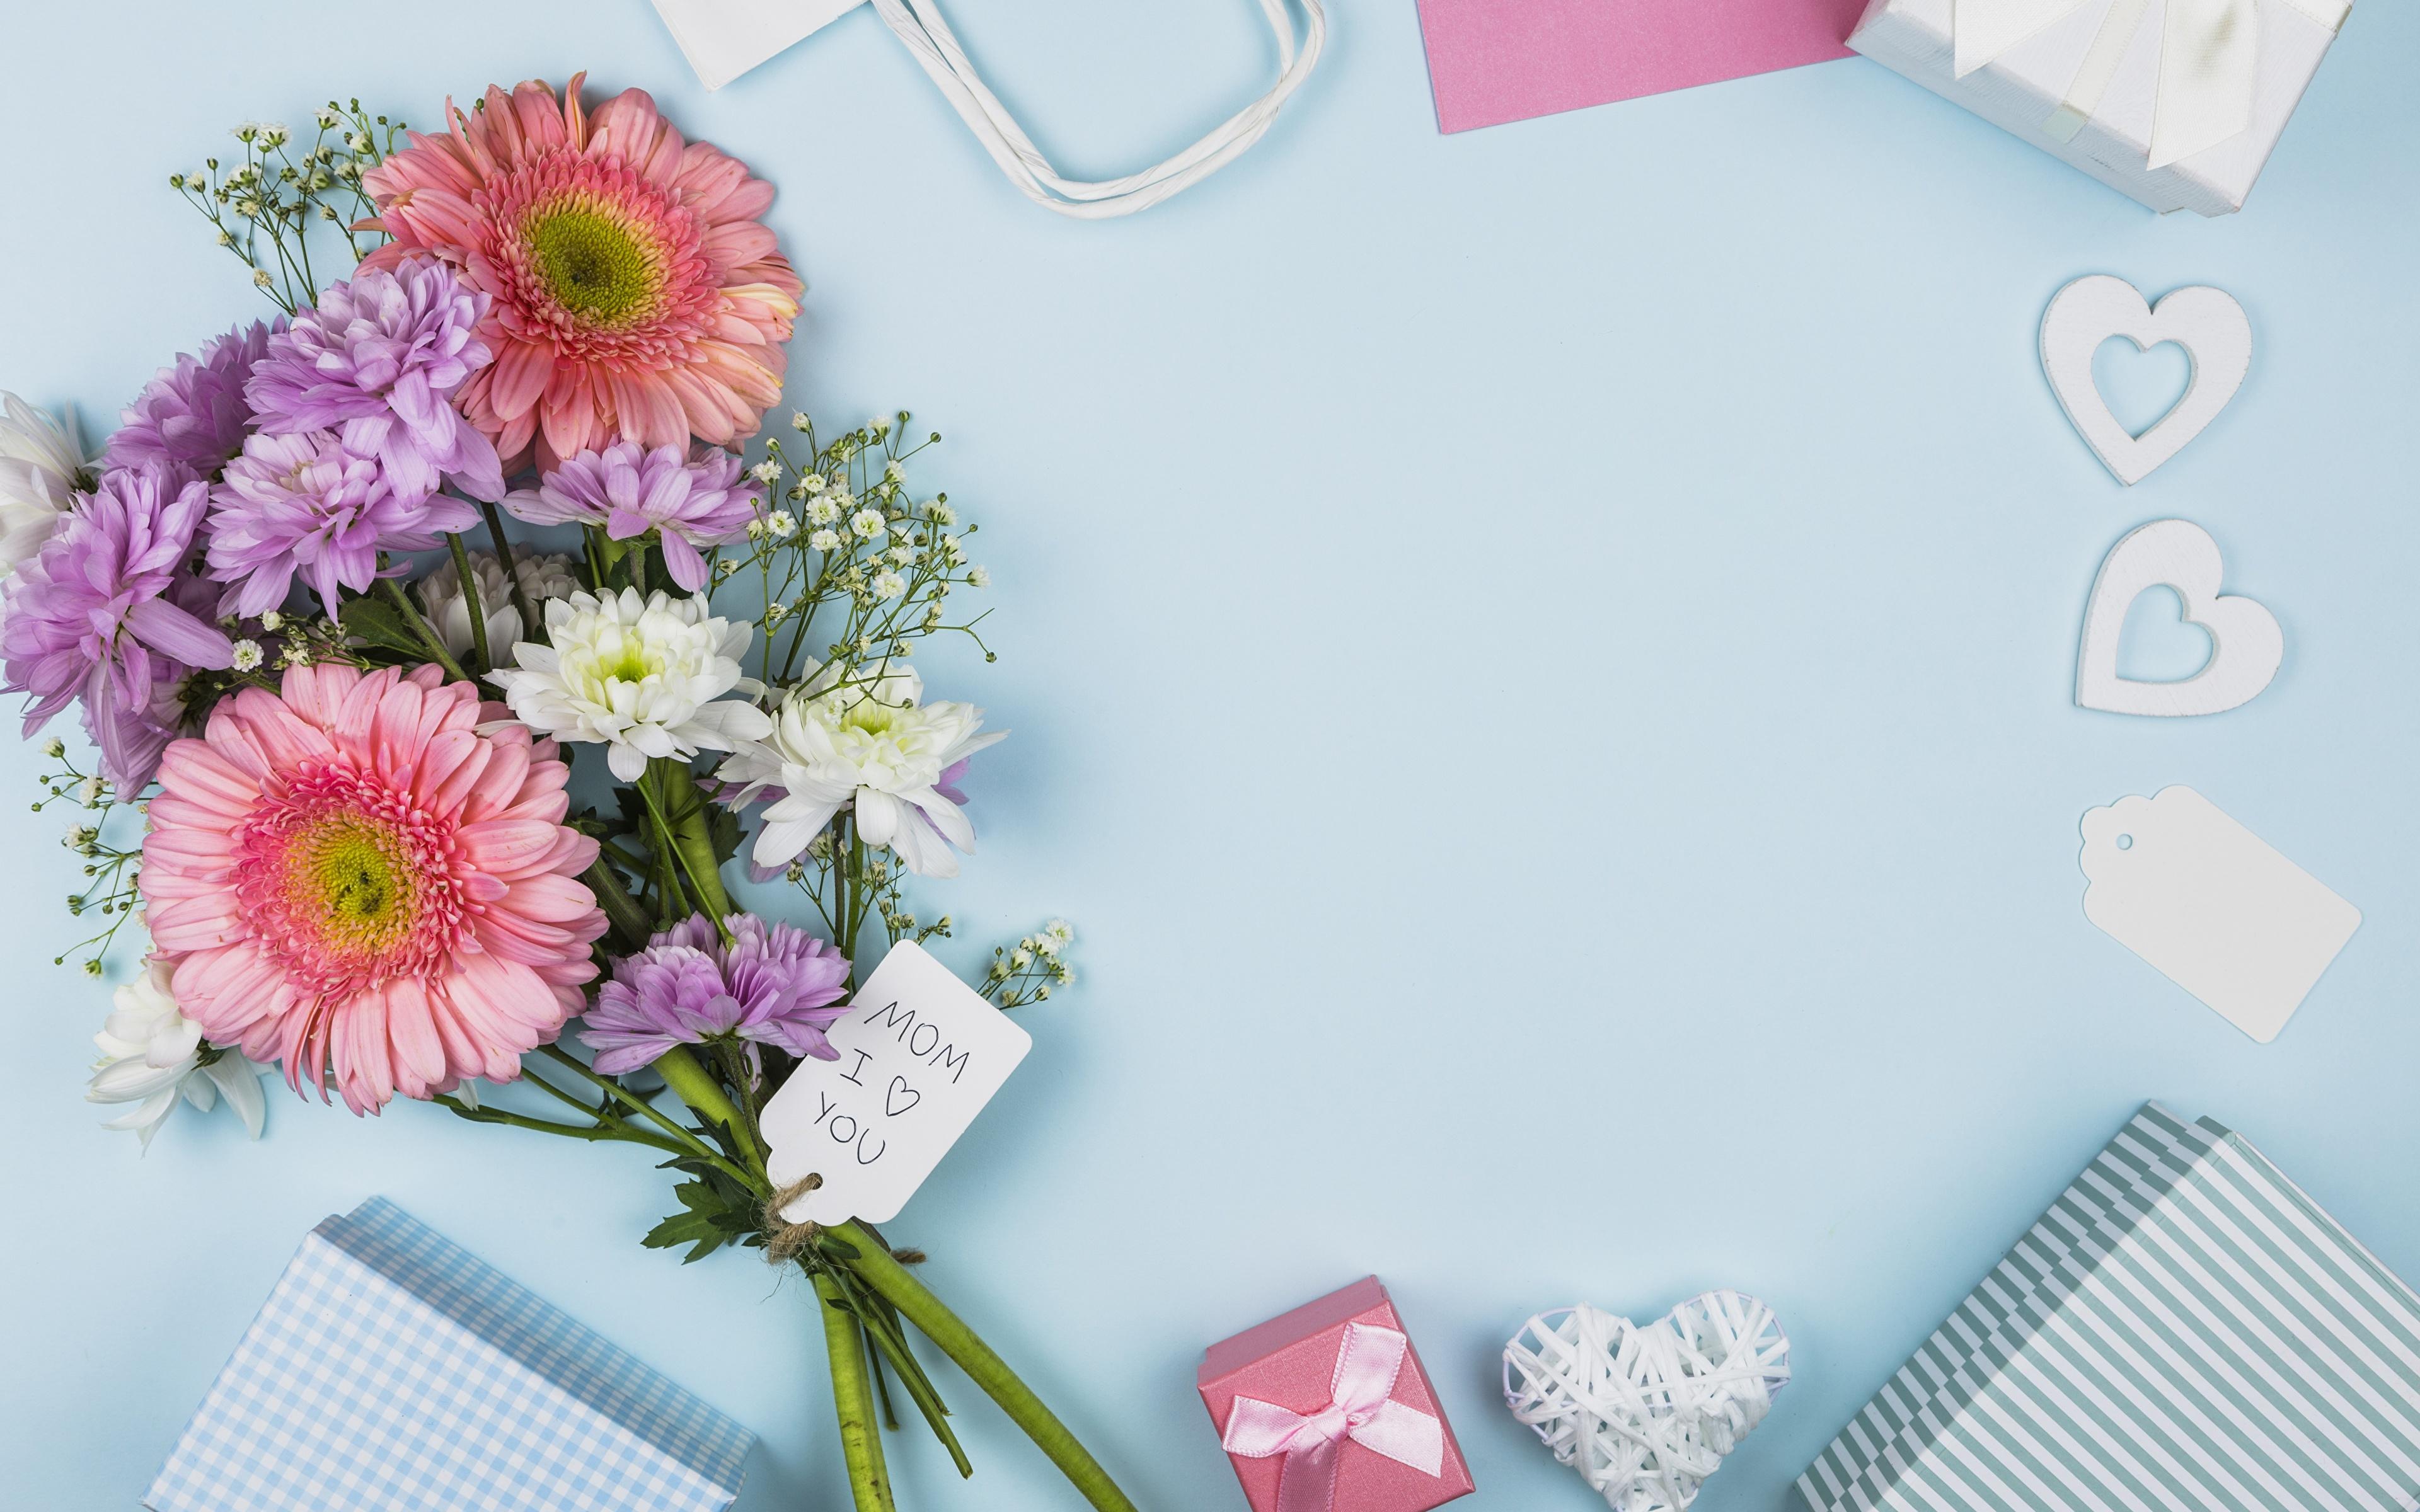 Картинки цветок букет Герберы Шаблон поздравительной открытки День матери Праздники 3840x2400 Цветы Букеты гербера